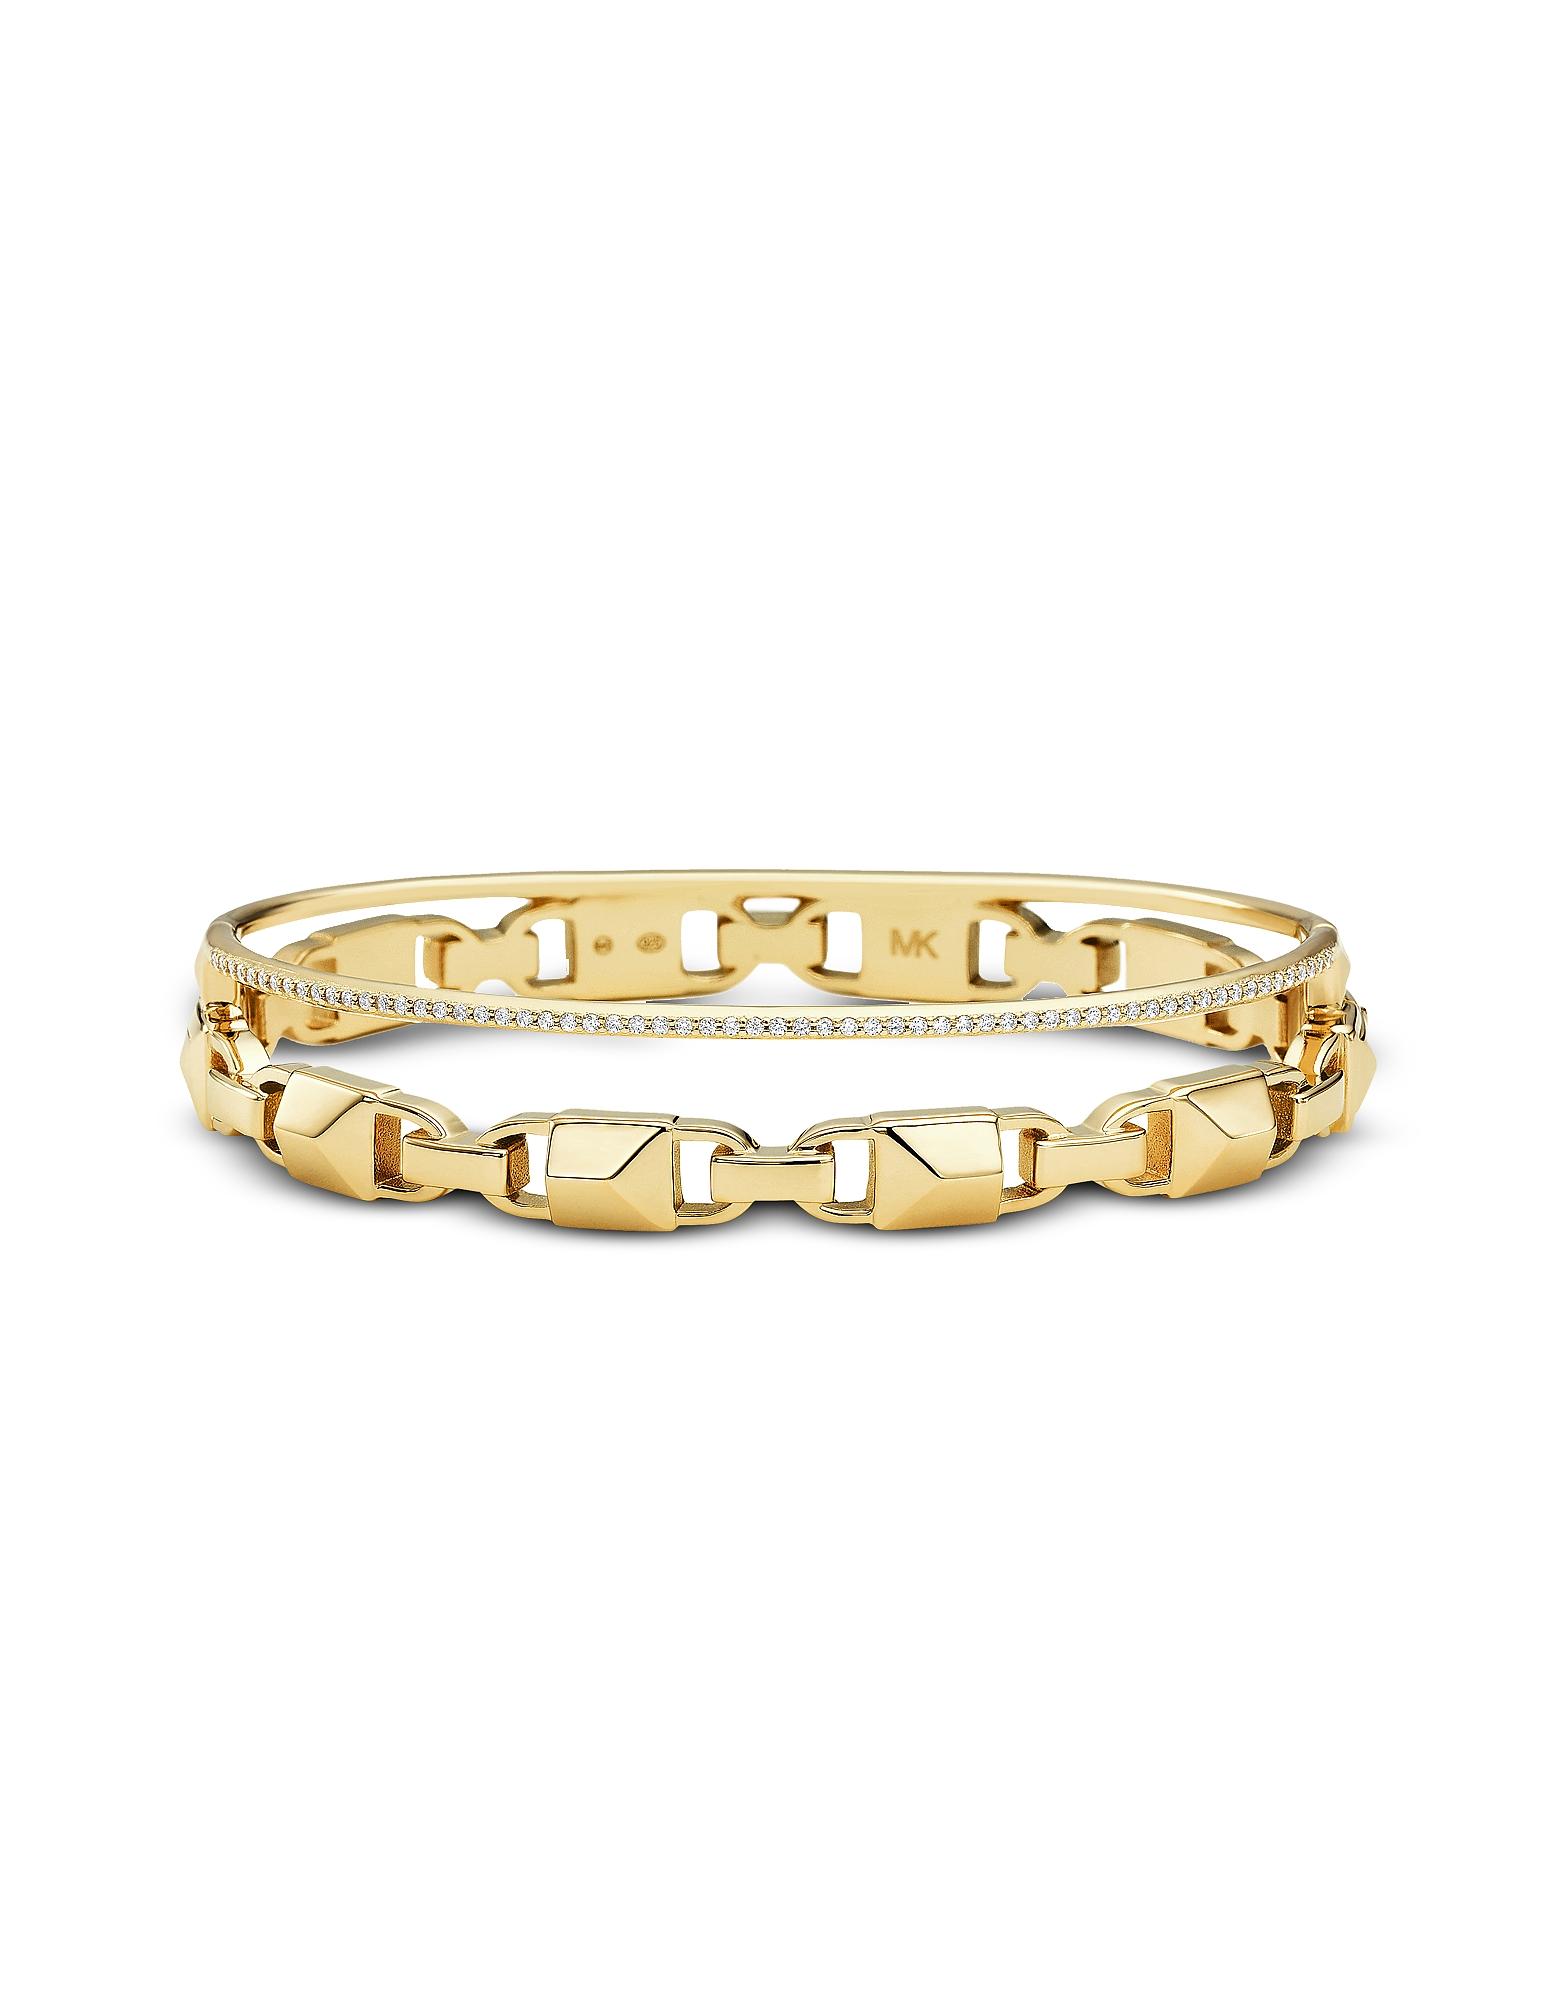 Michael Kors  Bracelets Gold Mercer Link Pavé Halo Women's Bracelet